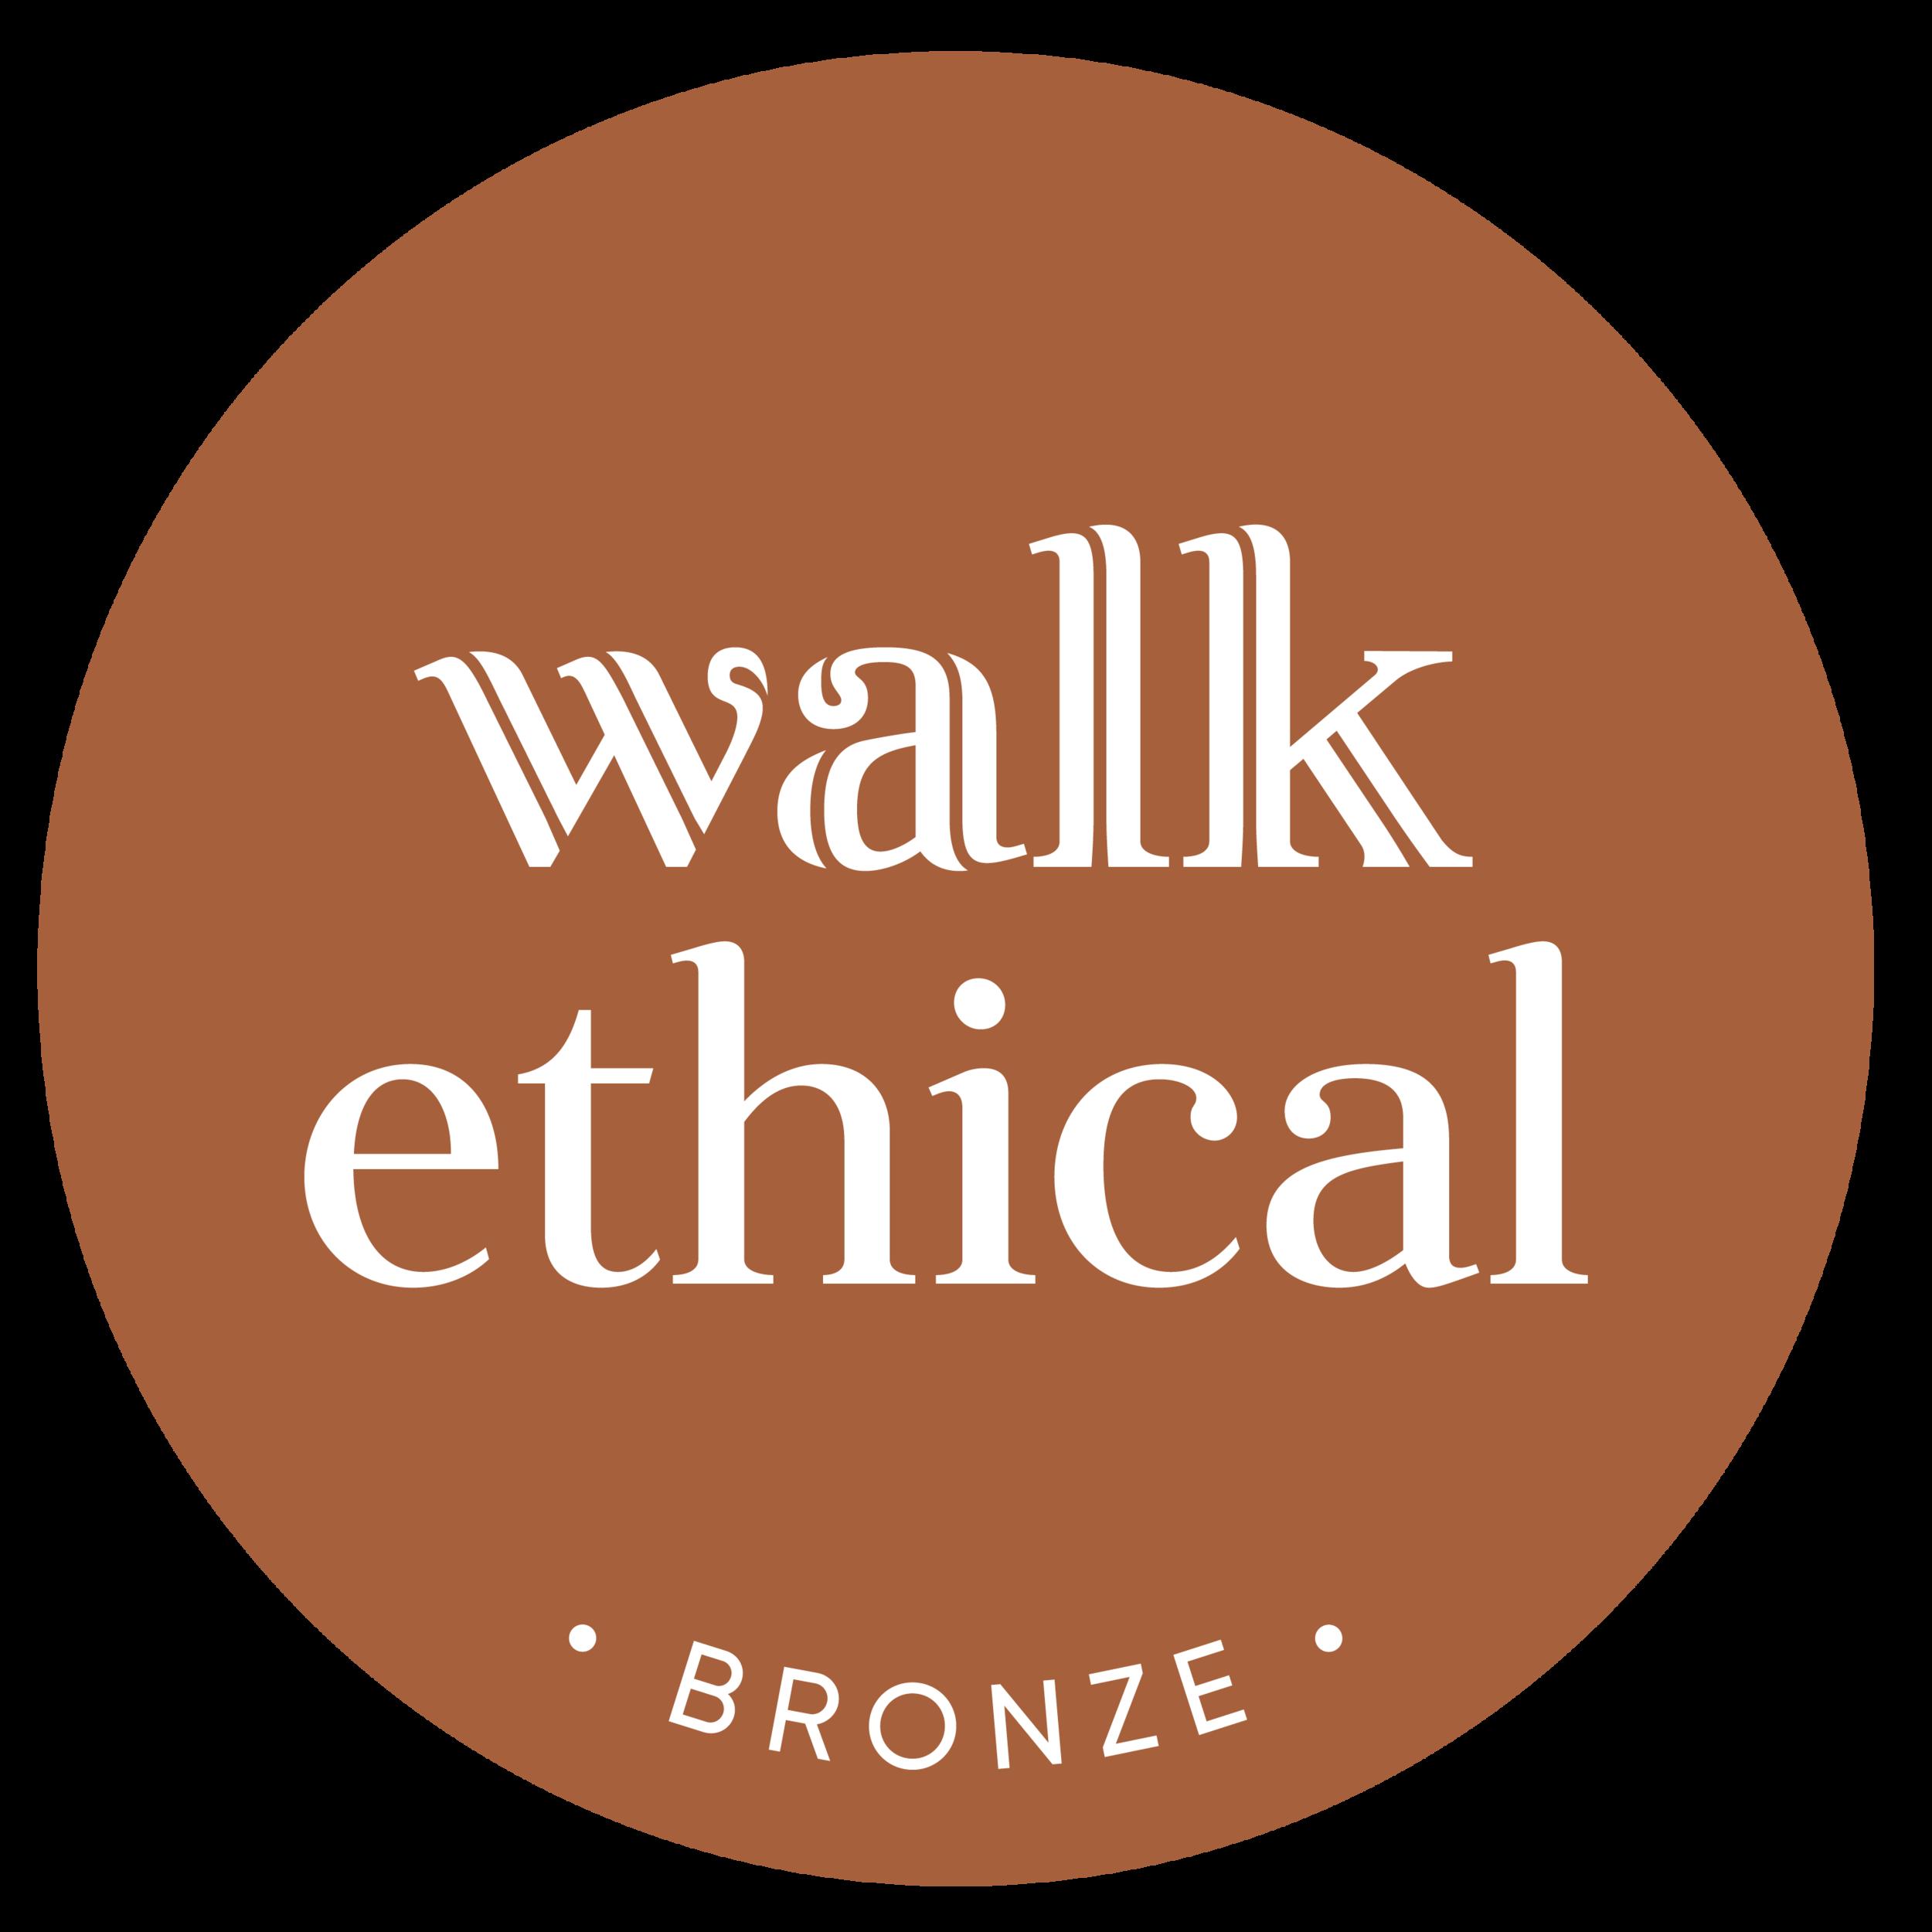 WalkEthical_Emblem_Bronze.png